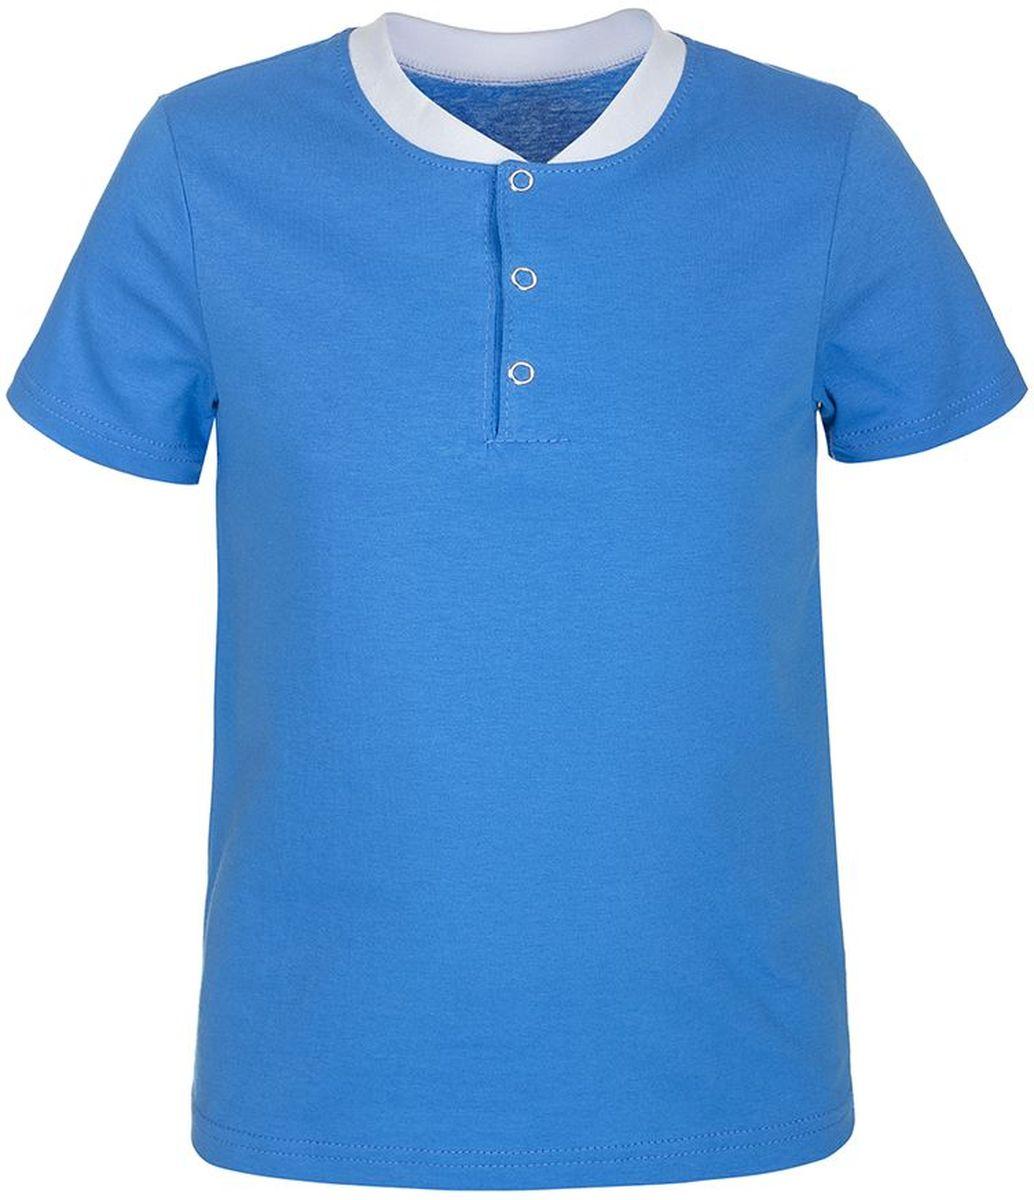 Футболка для мальчика M&D, цвет: синий, белый. ФМ160401. Размер 128ФМ160401Футболка для мальчика M&D выполнена из 100% хлопка. Имеет круглый вырез воротника оформленный текстильной резинкой, который застегивается на три кнопки спереди.